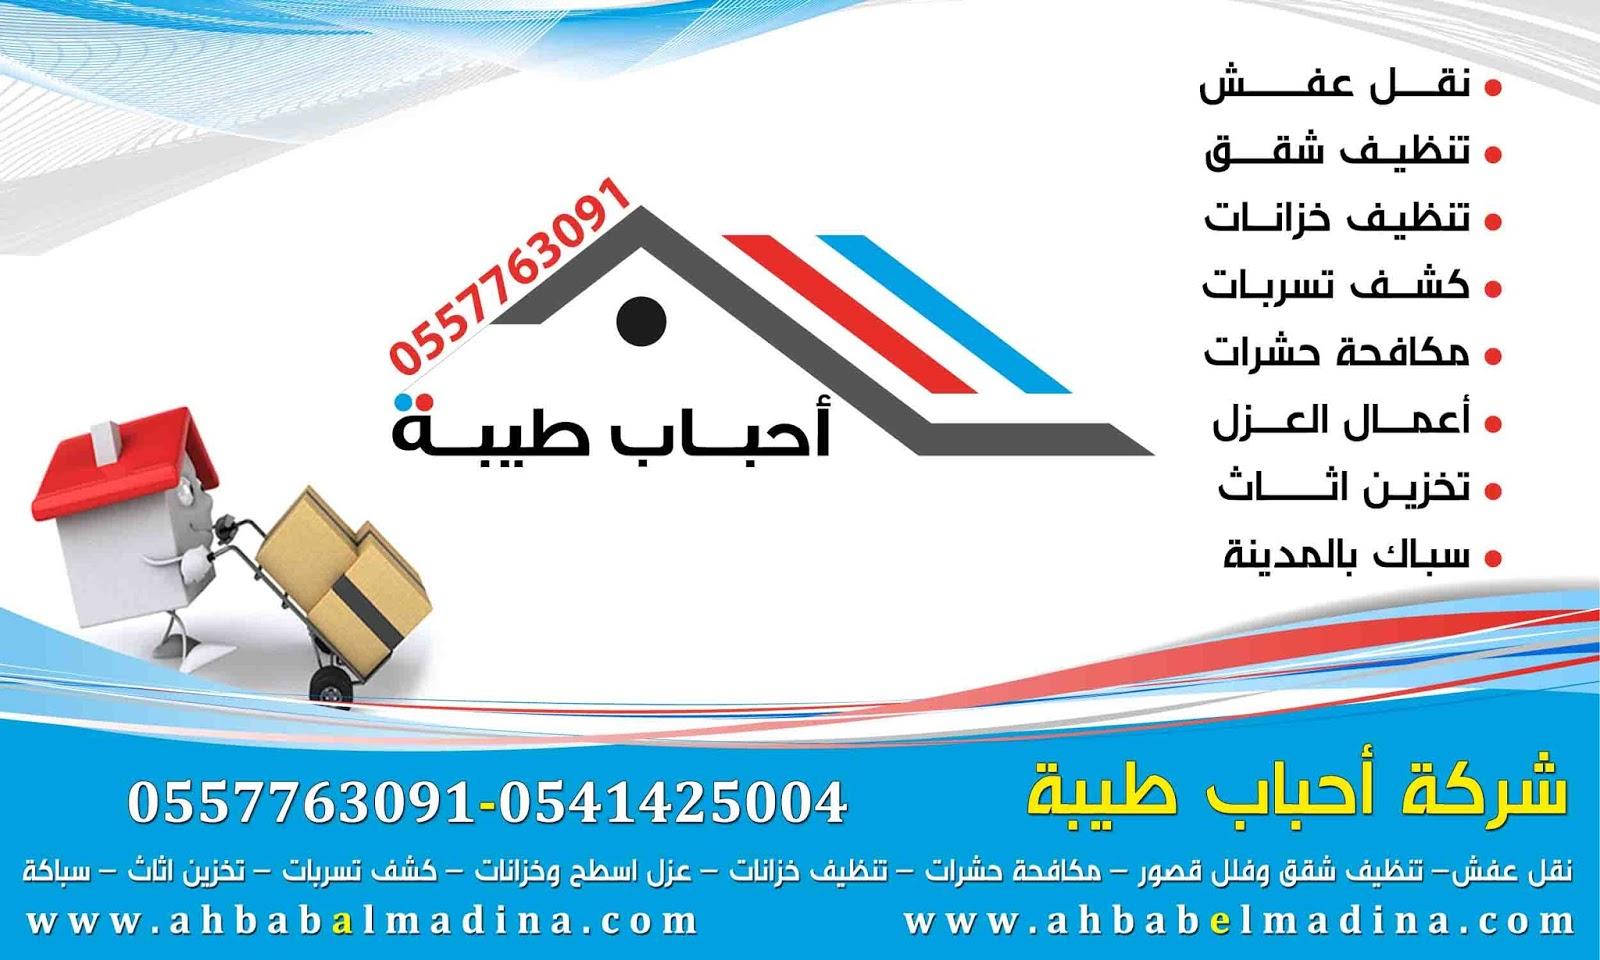 شركة نقل أثاث بالمدينة المنورة 0557763091 احباب طيبة لشراء الاثاث المستعمل احباب طيبة.JPG